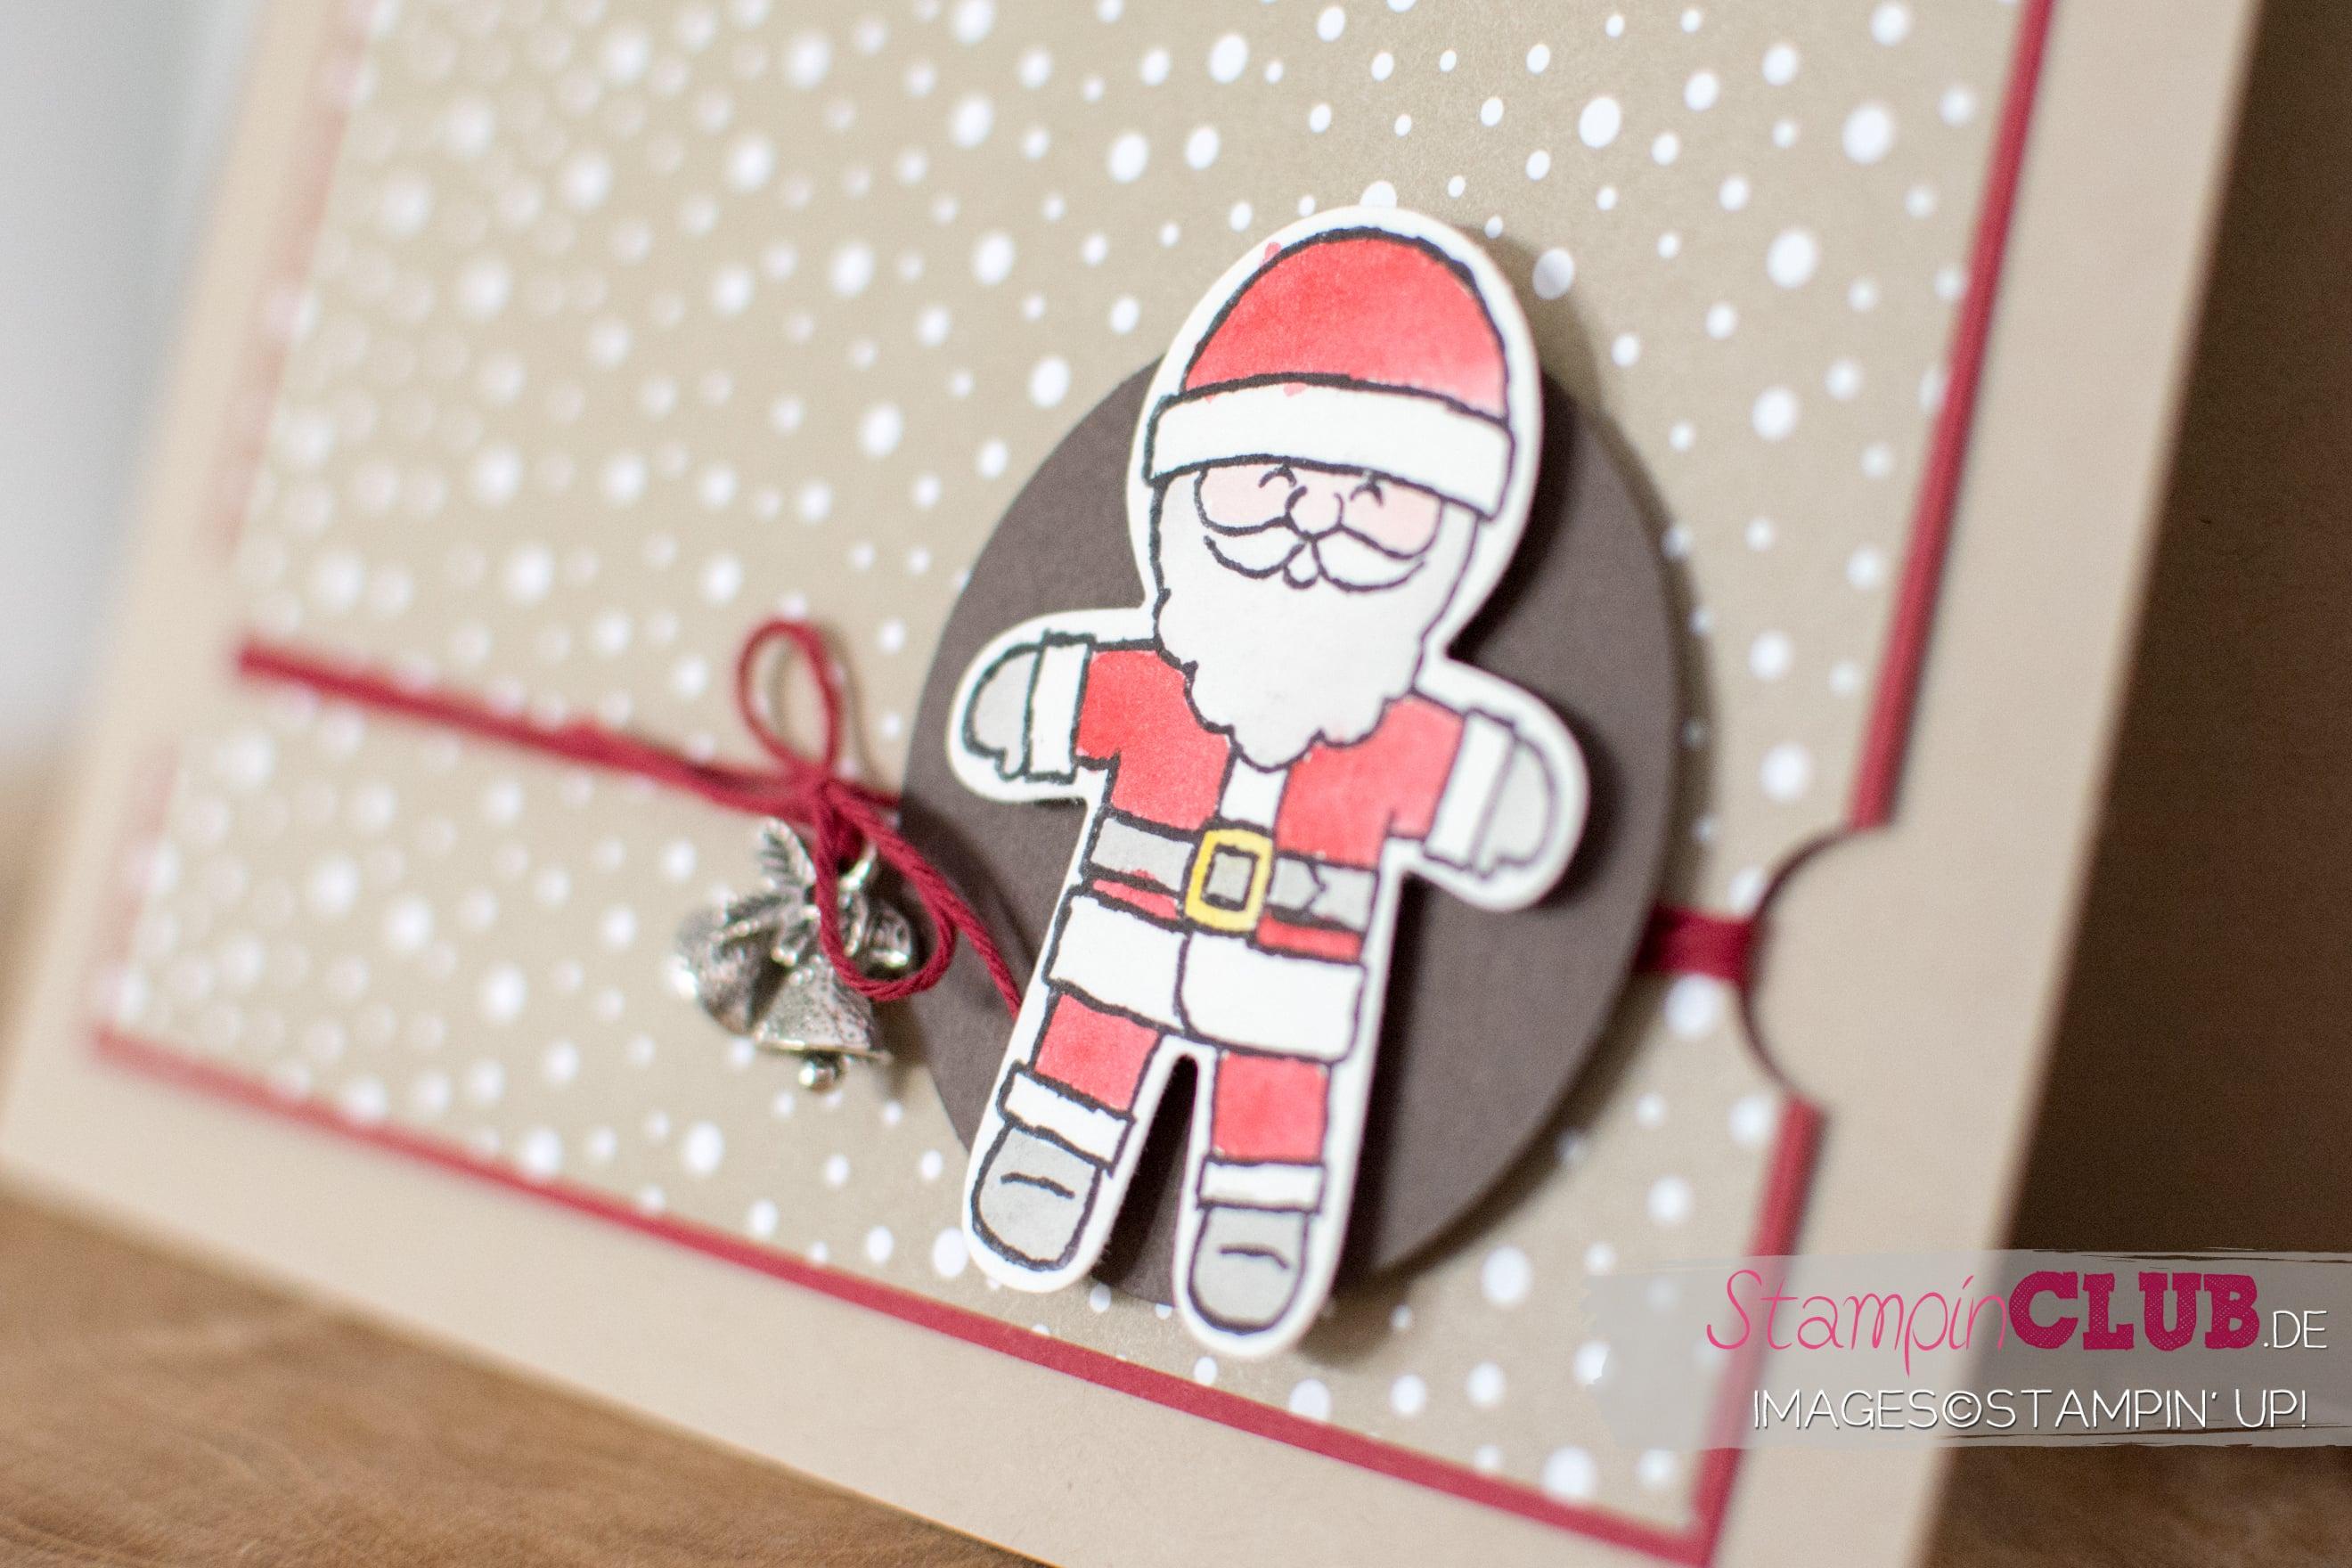 20161003-stampinclub-stampin-up-ausgestochen-weihnachtlich-cookie-cutter-christmas_-3